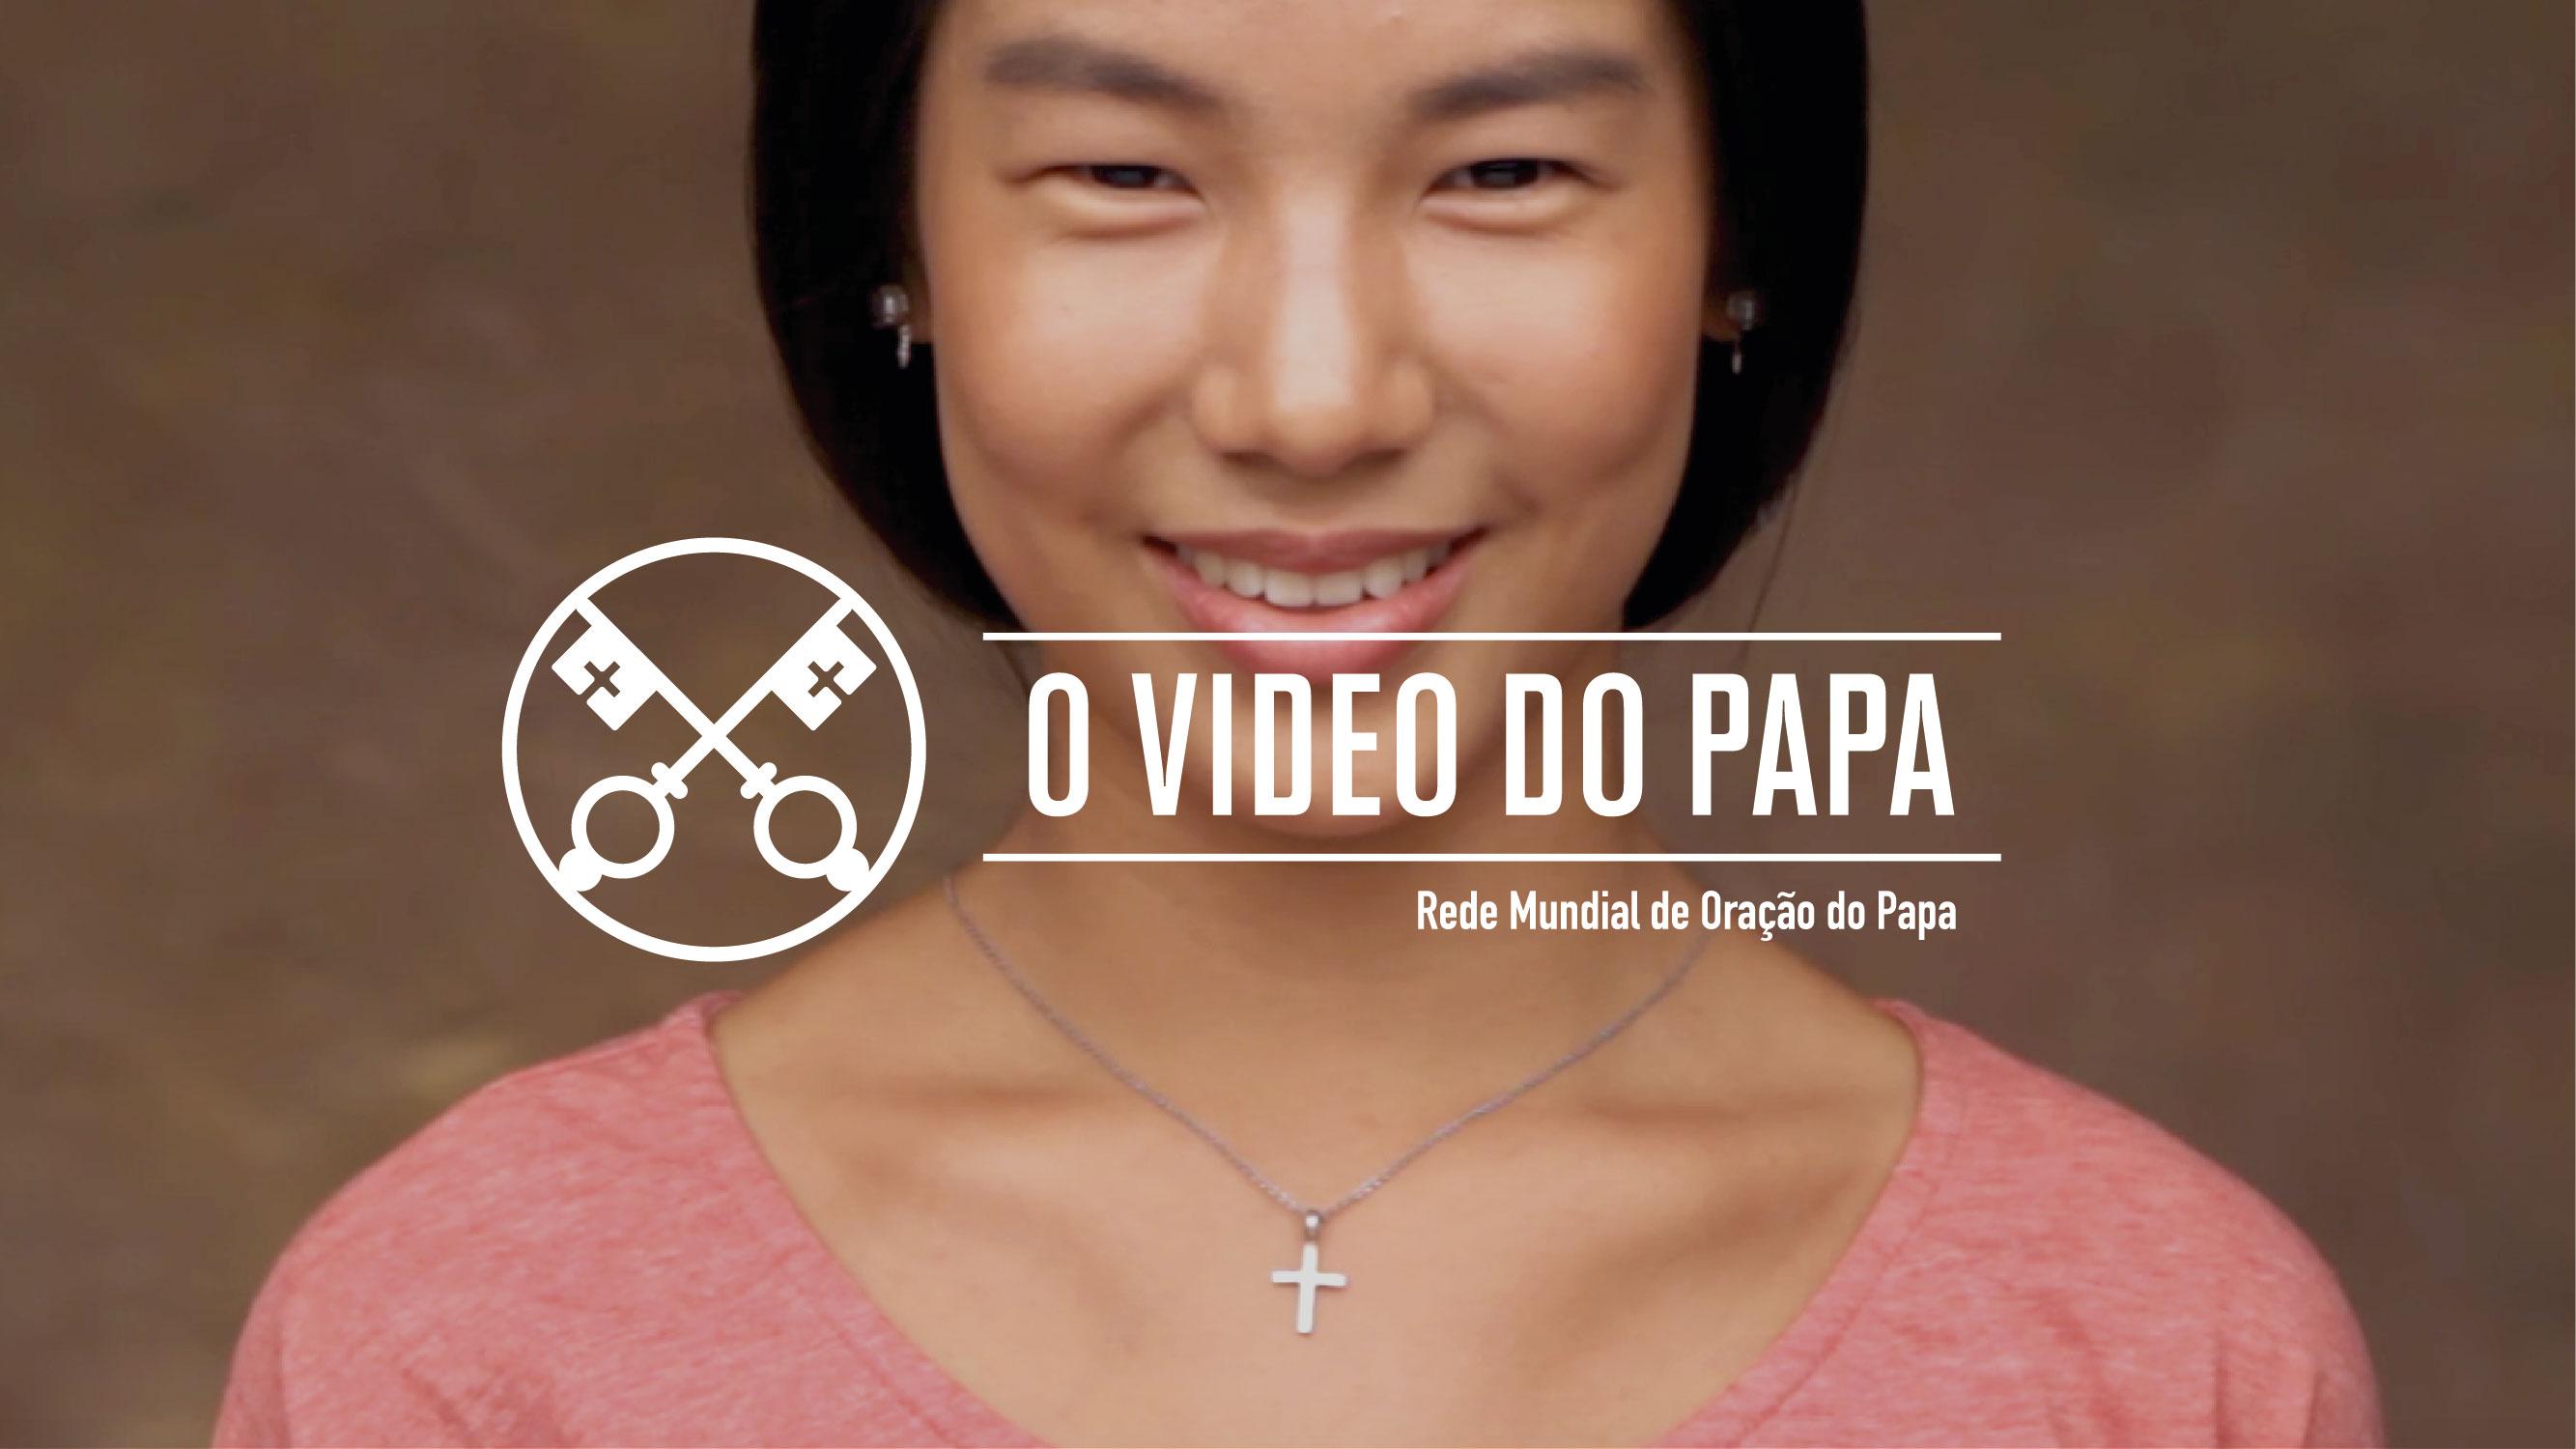 O Vídeo do Papa: Francisco pede que os cristãos na Ásia favoreçam o diálogo e a paz